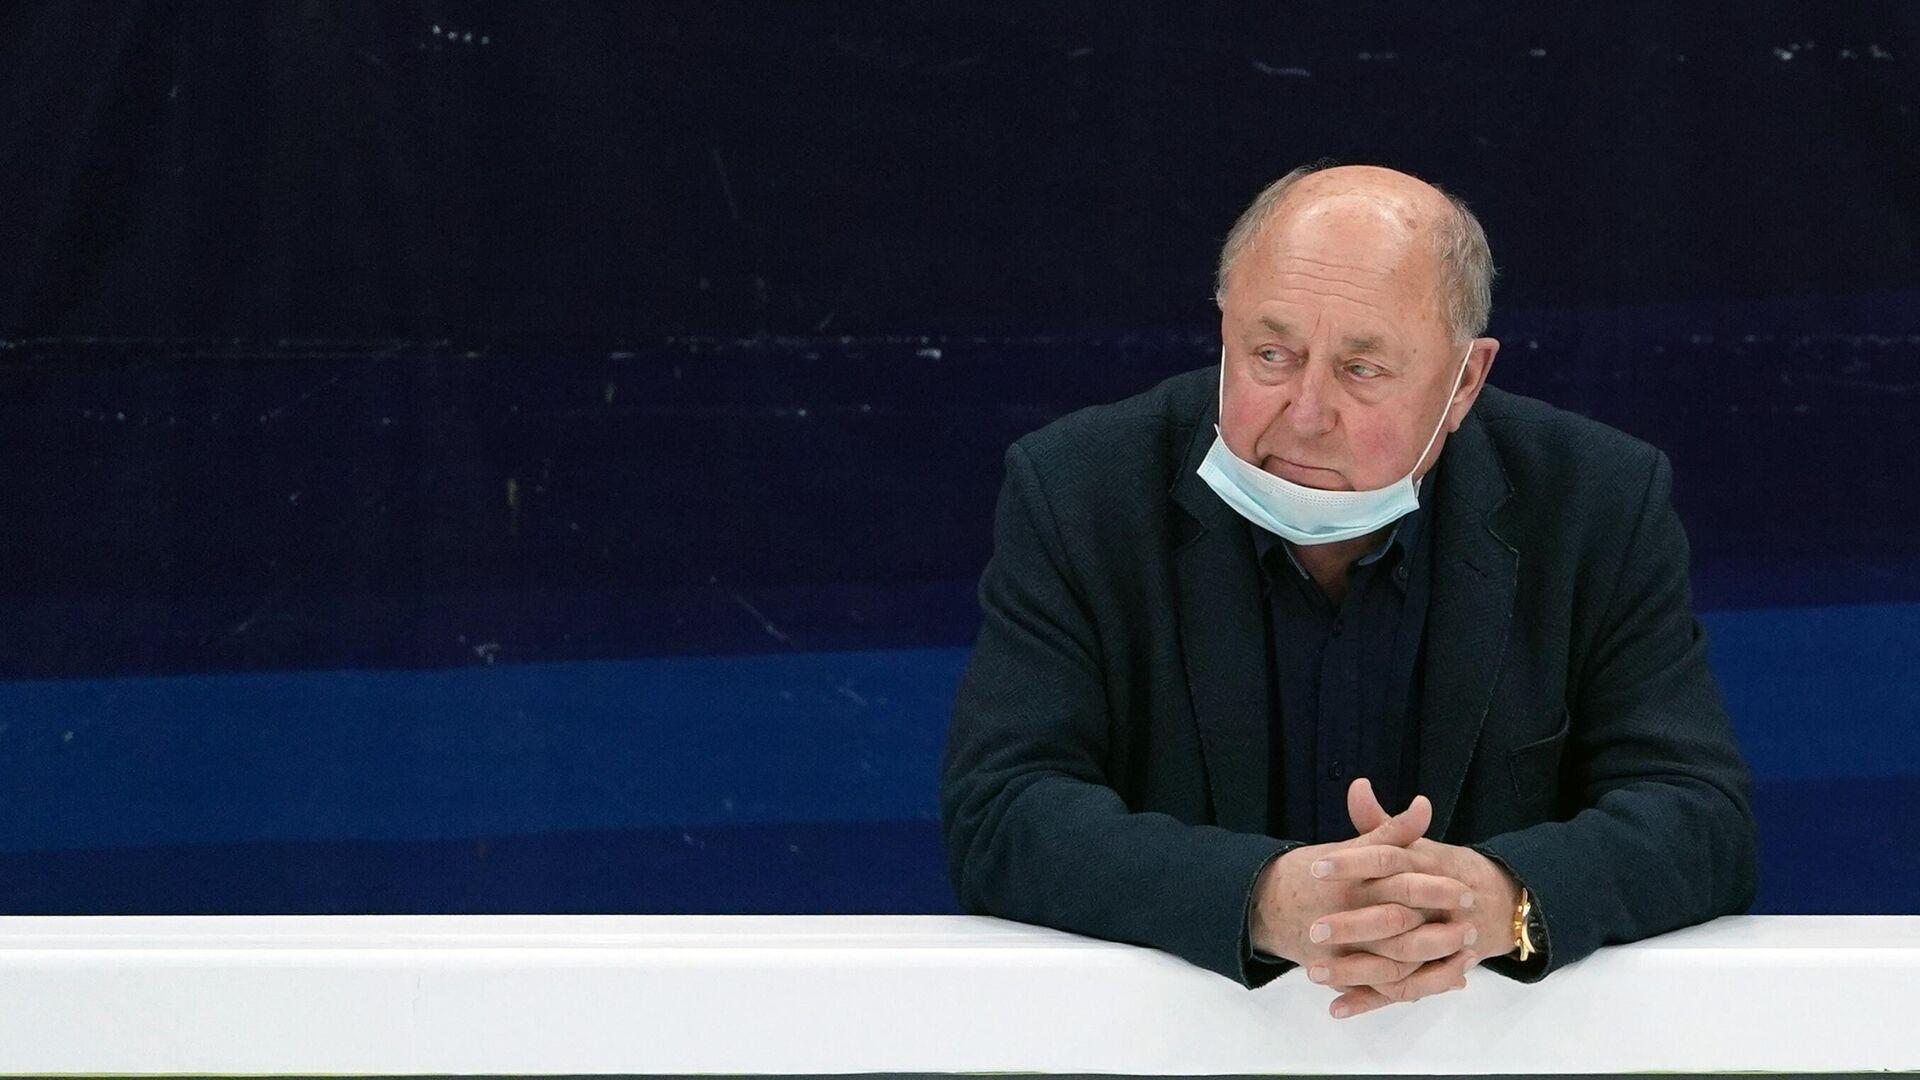 Тренер Алексей Мишин - РИА Новости, 1920, 12.01.2021